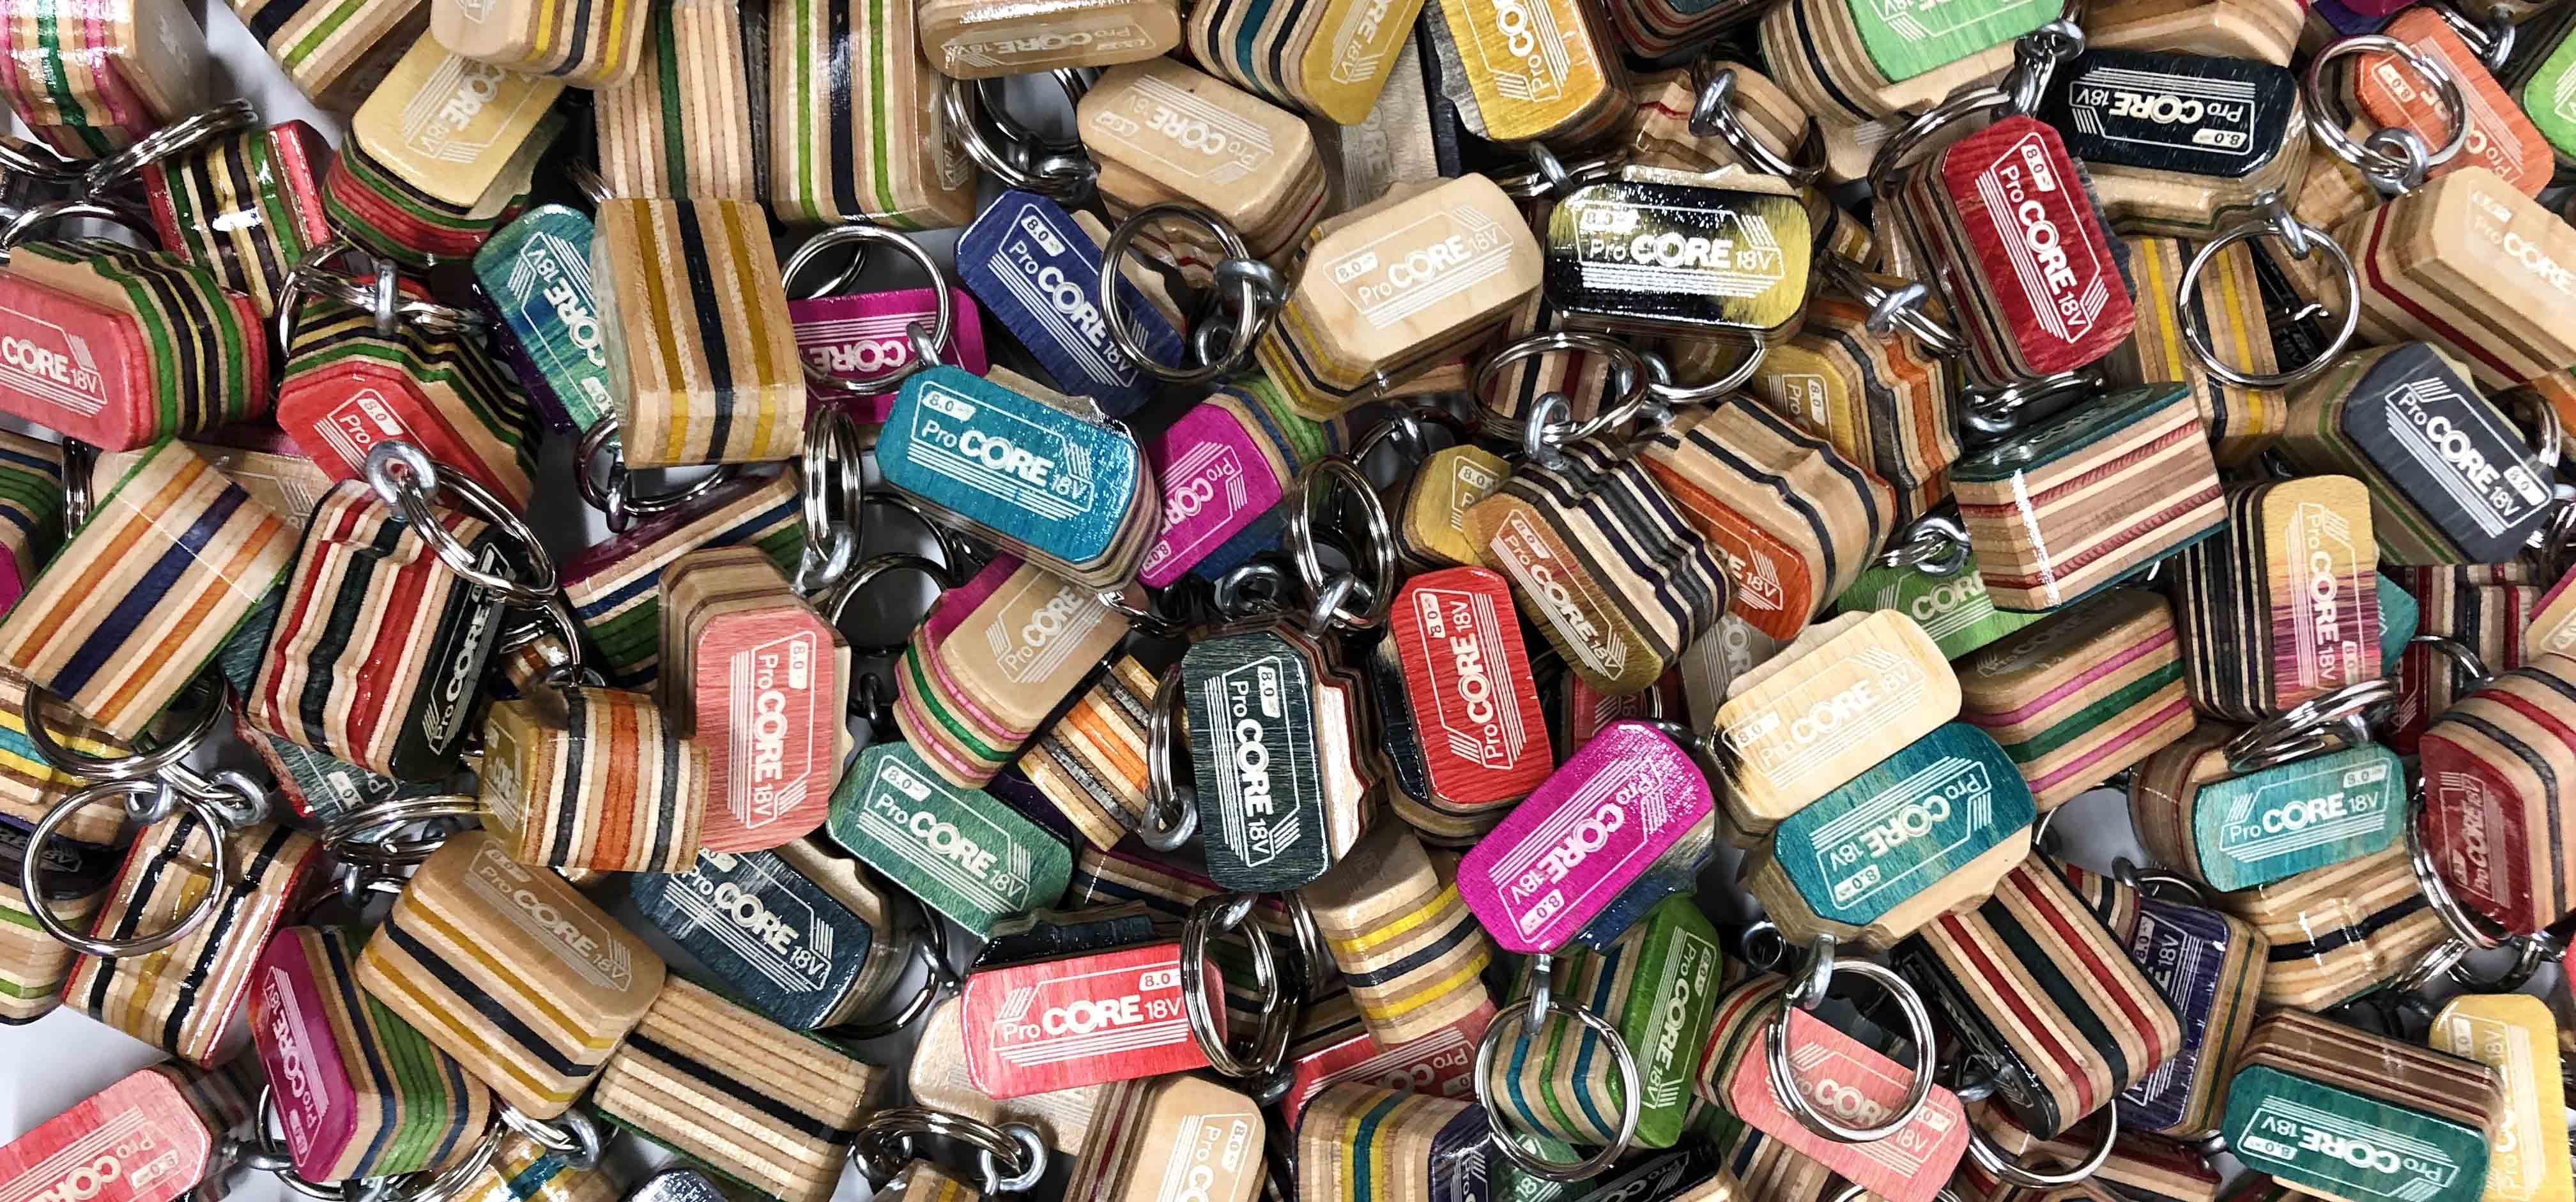 bosch keychains